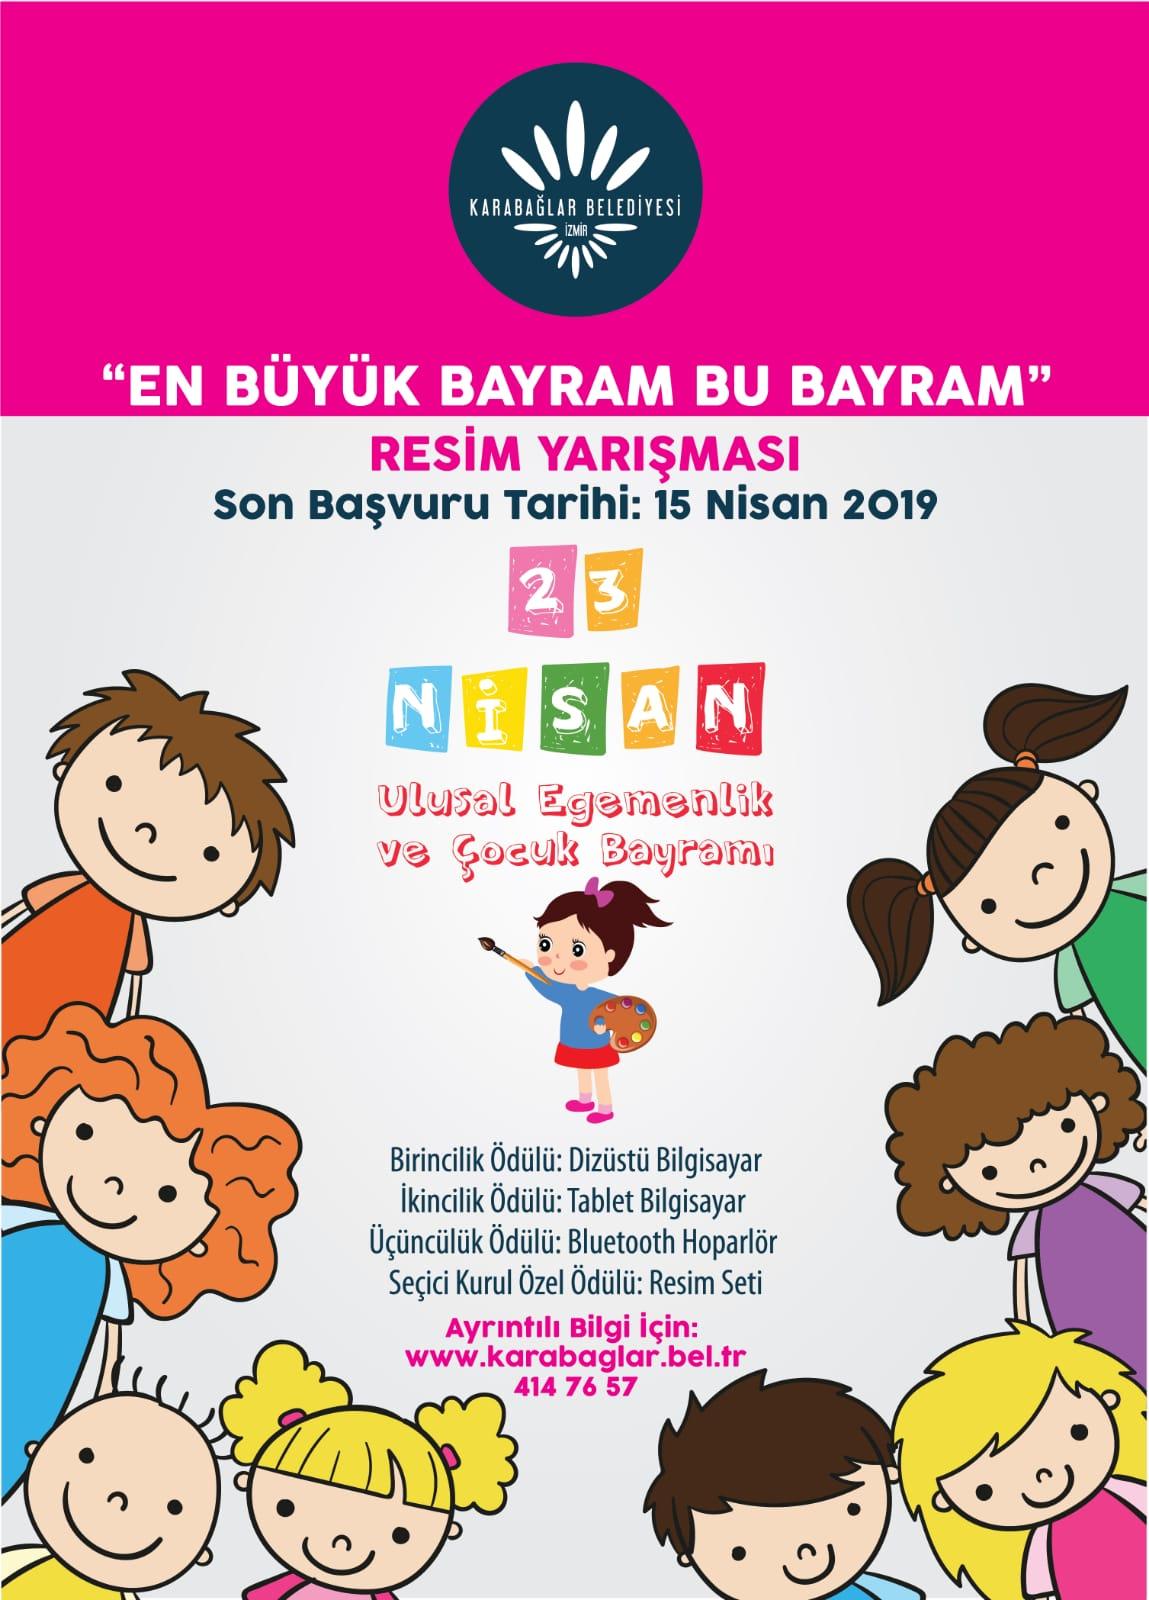 Karabaglar Belediyesi 23 Nisan Ulusal Egemenlik Ve Cocuk Bayrami